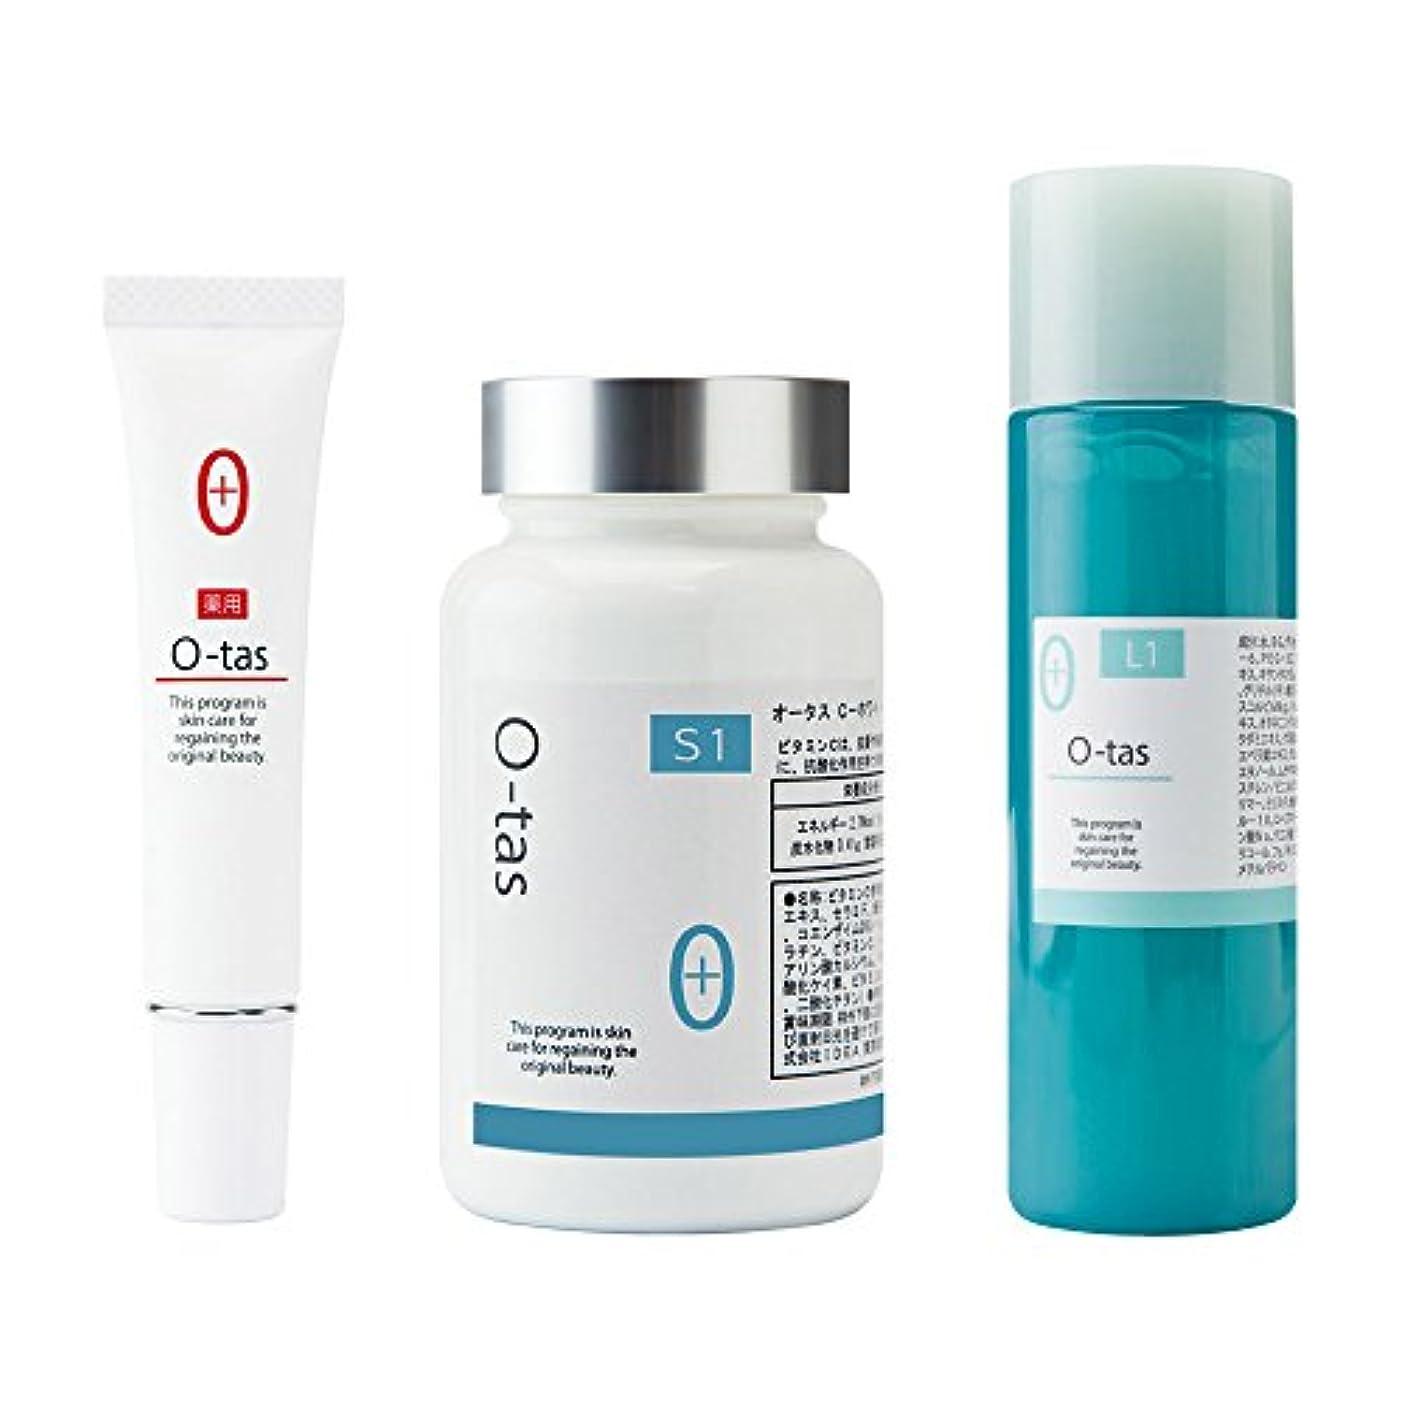 なので構成アレイしみ そばかす 対策プログラム 薬用 オータス ホワイトニング 3ステップ プログラム 美白 トラネキサム酸 (化粧水 & 美容液 & サプリメント セット)100ml & 15g & 60粒 しみ そばかす くすみ 対策